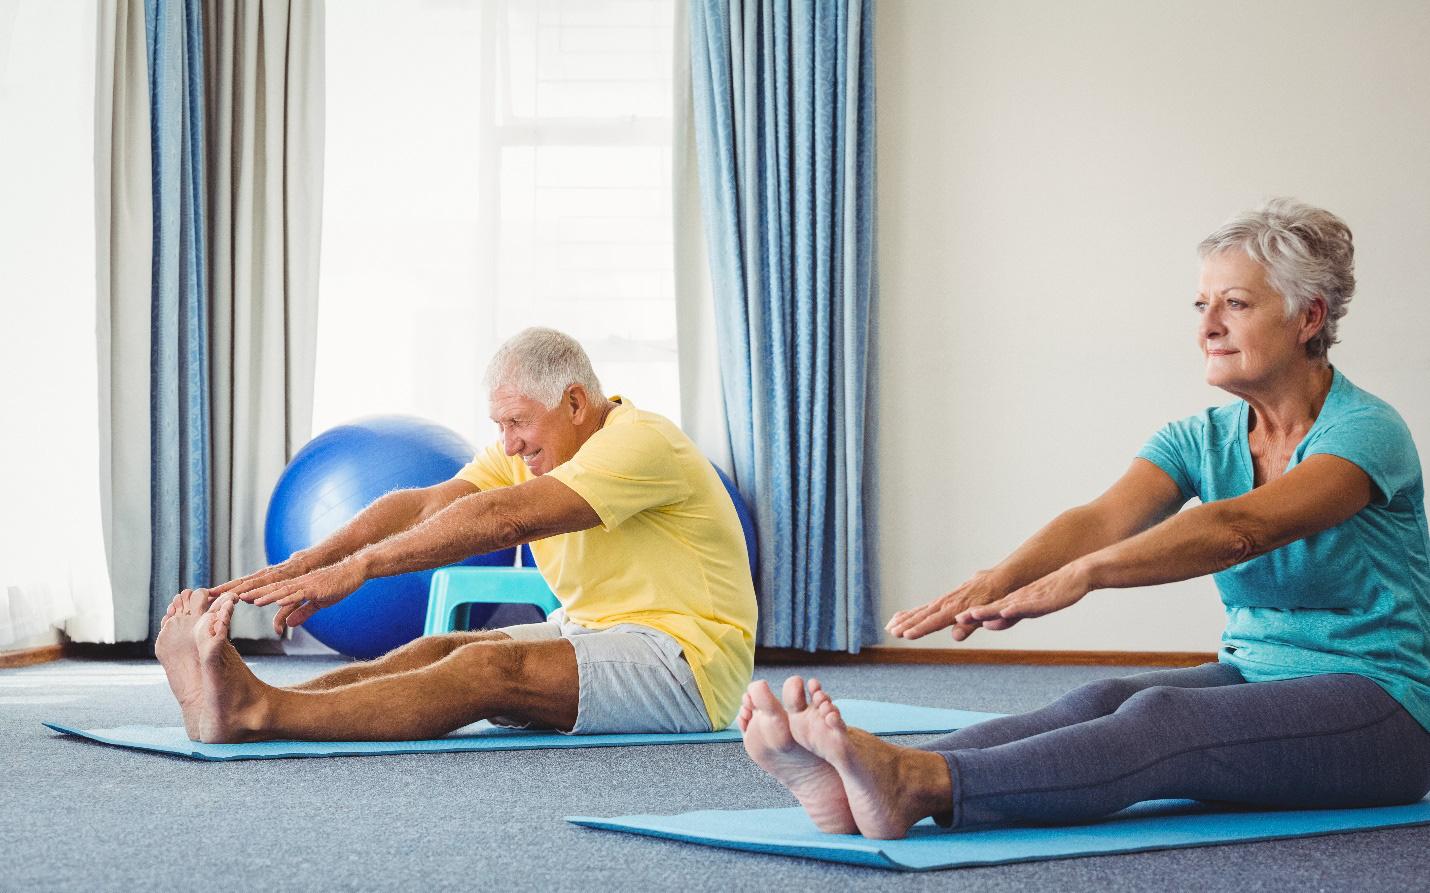 Trải qua đợt bệnh, người cao tuổi cần dinh dưỡng thế nào để nhanh hồi phục?